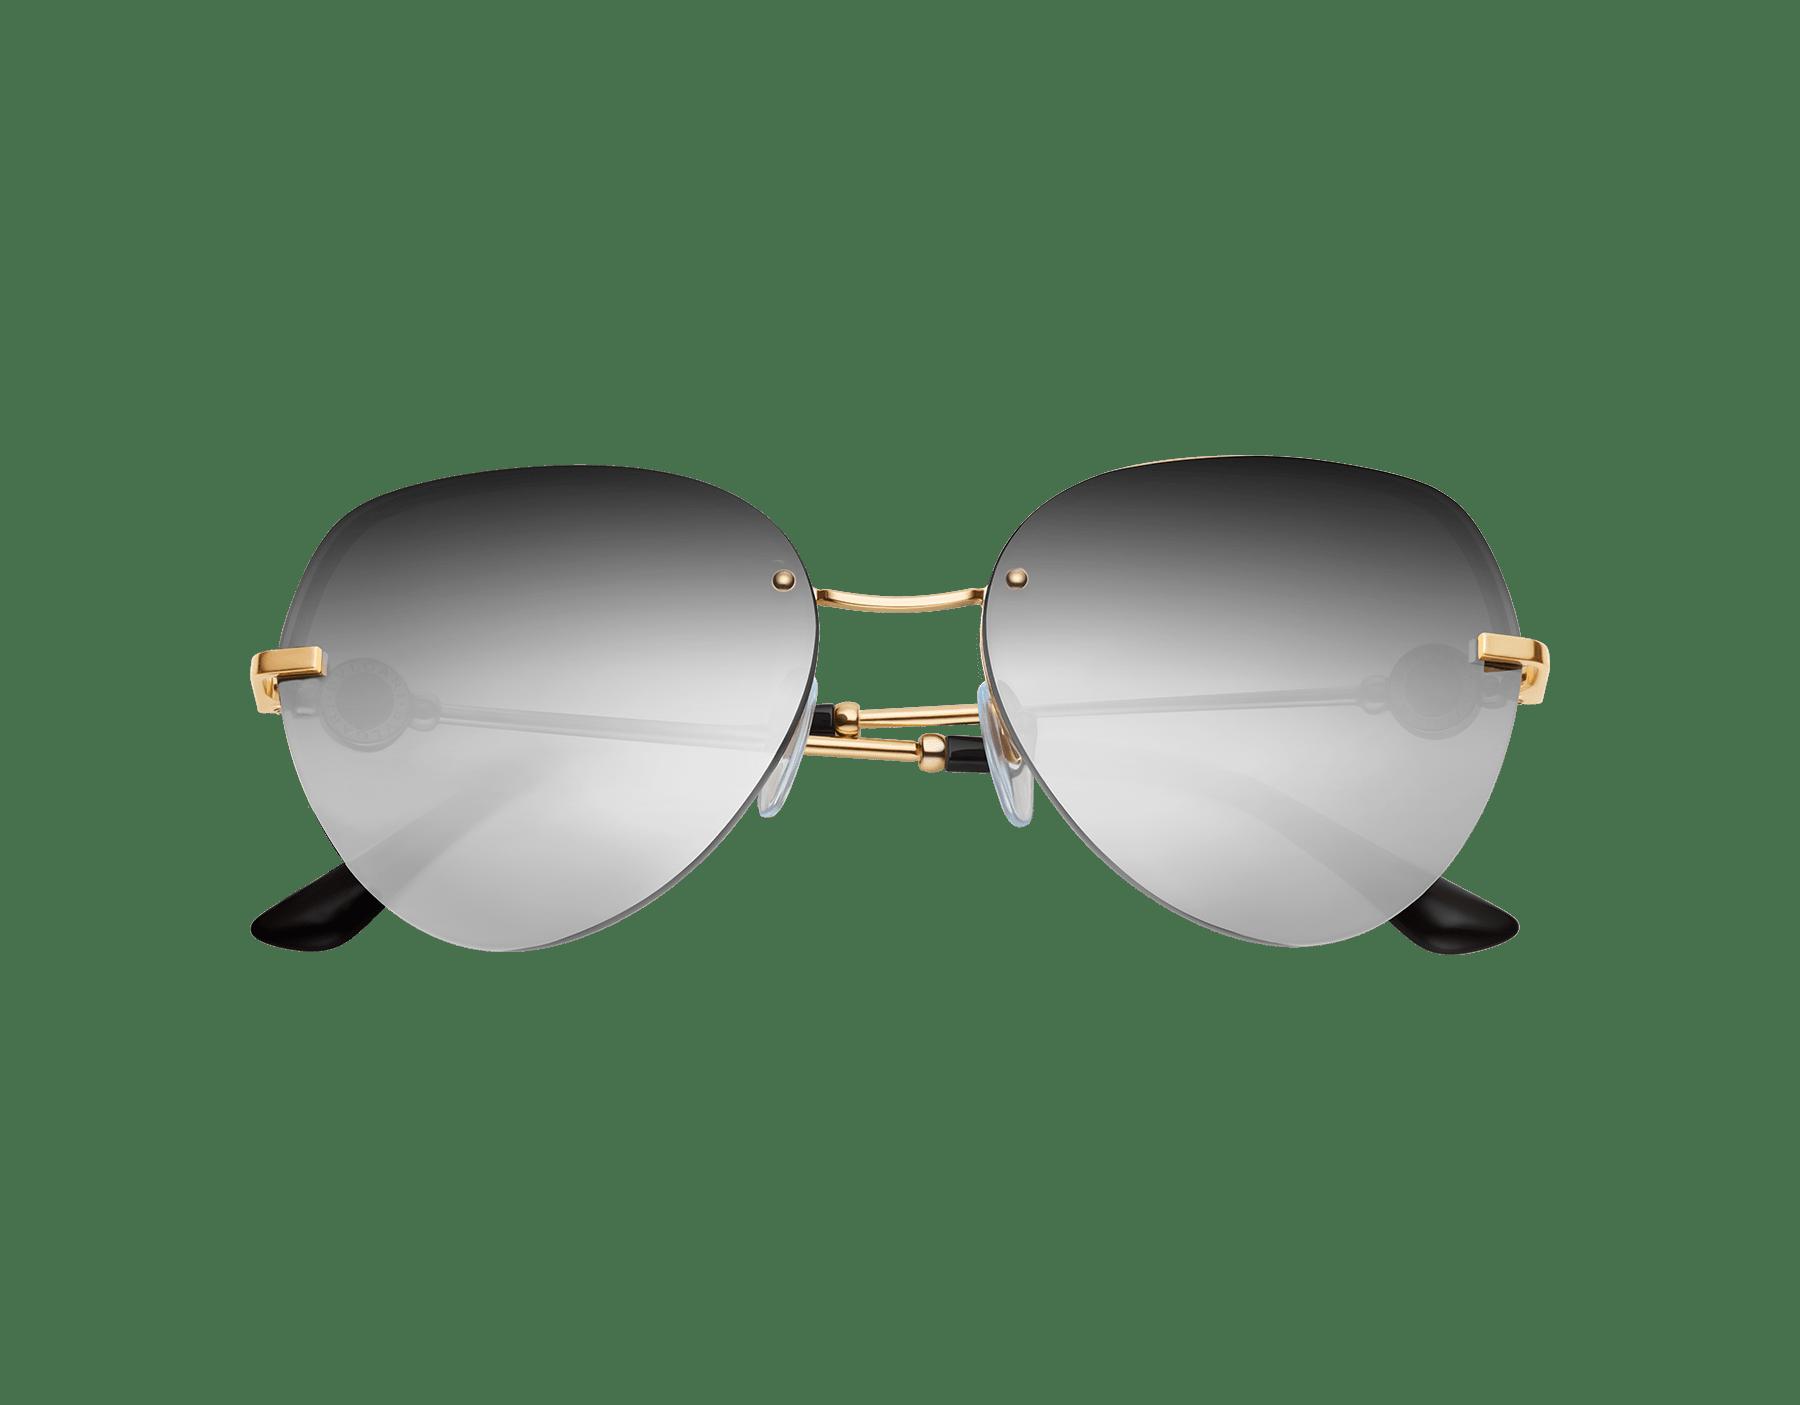 BVLGARI BVLGARI semi-rimless aviator sunglasses. 903538 image 2